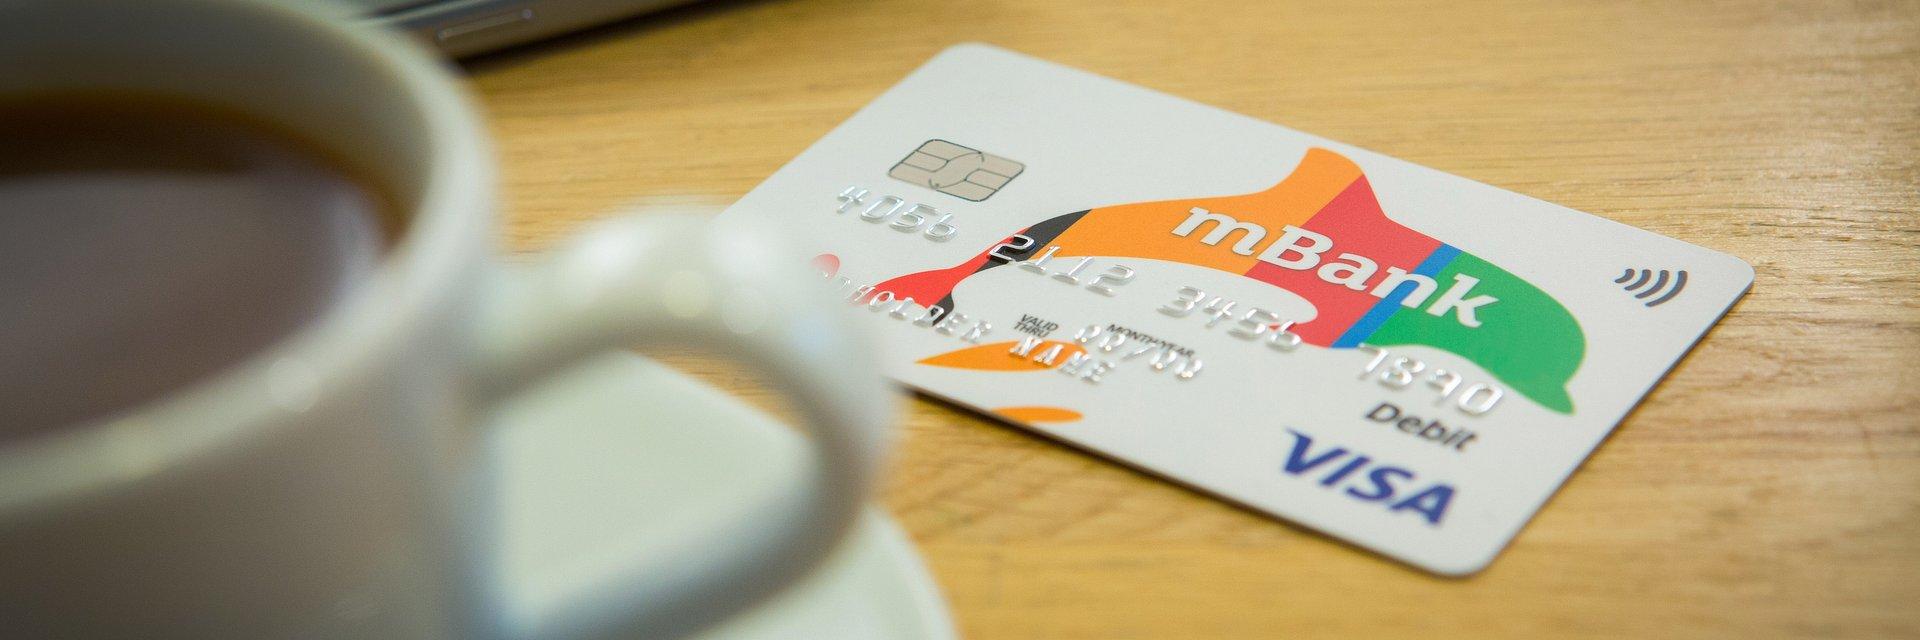 Nowa oferta w mBanku: będzie taniej i prościej.